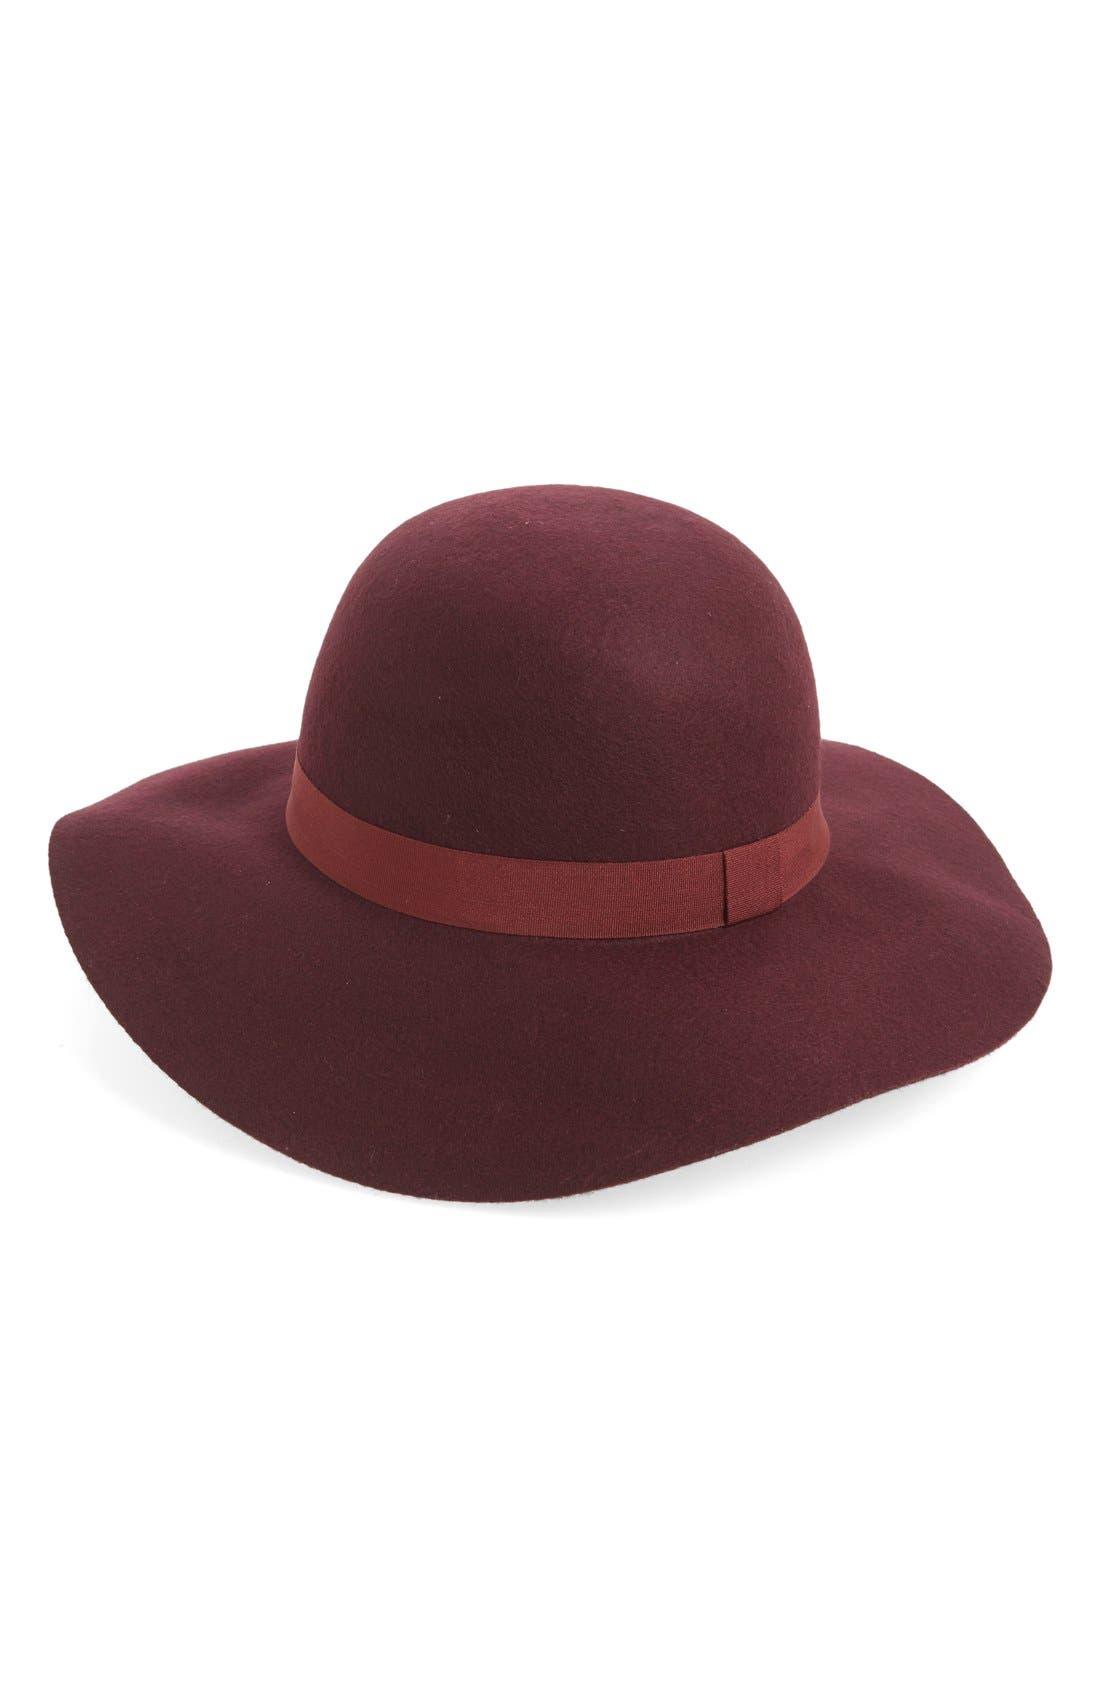 Main Image - BP. Ribbon Trim Felt Floppy Hat